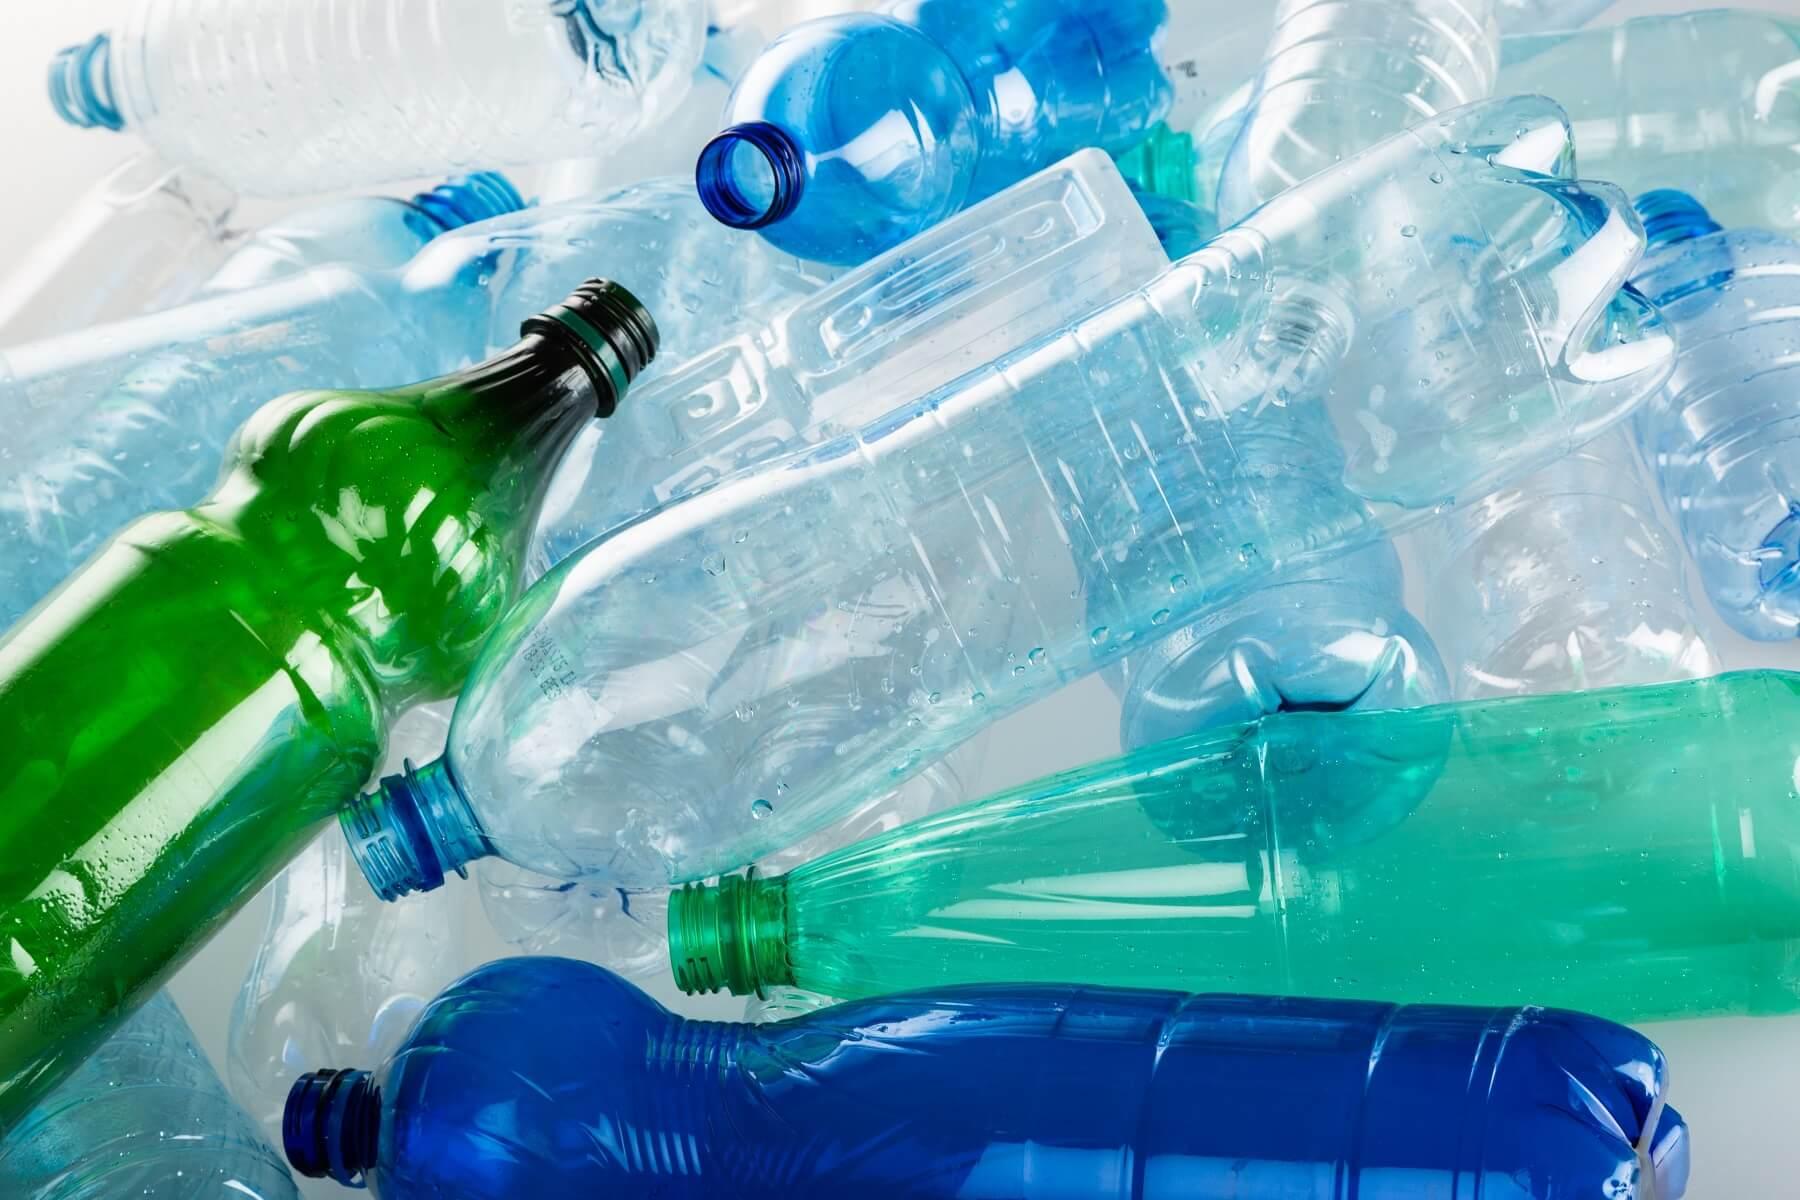 מיחזור פלסטיק מה אפשר למחזר